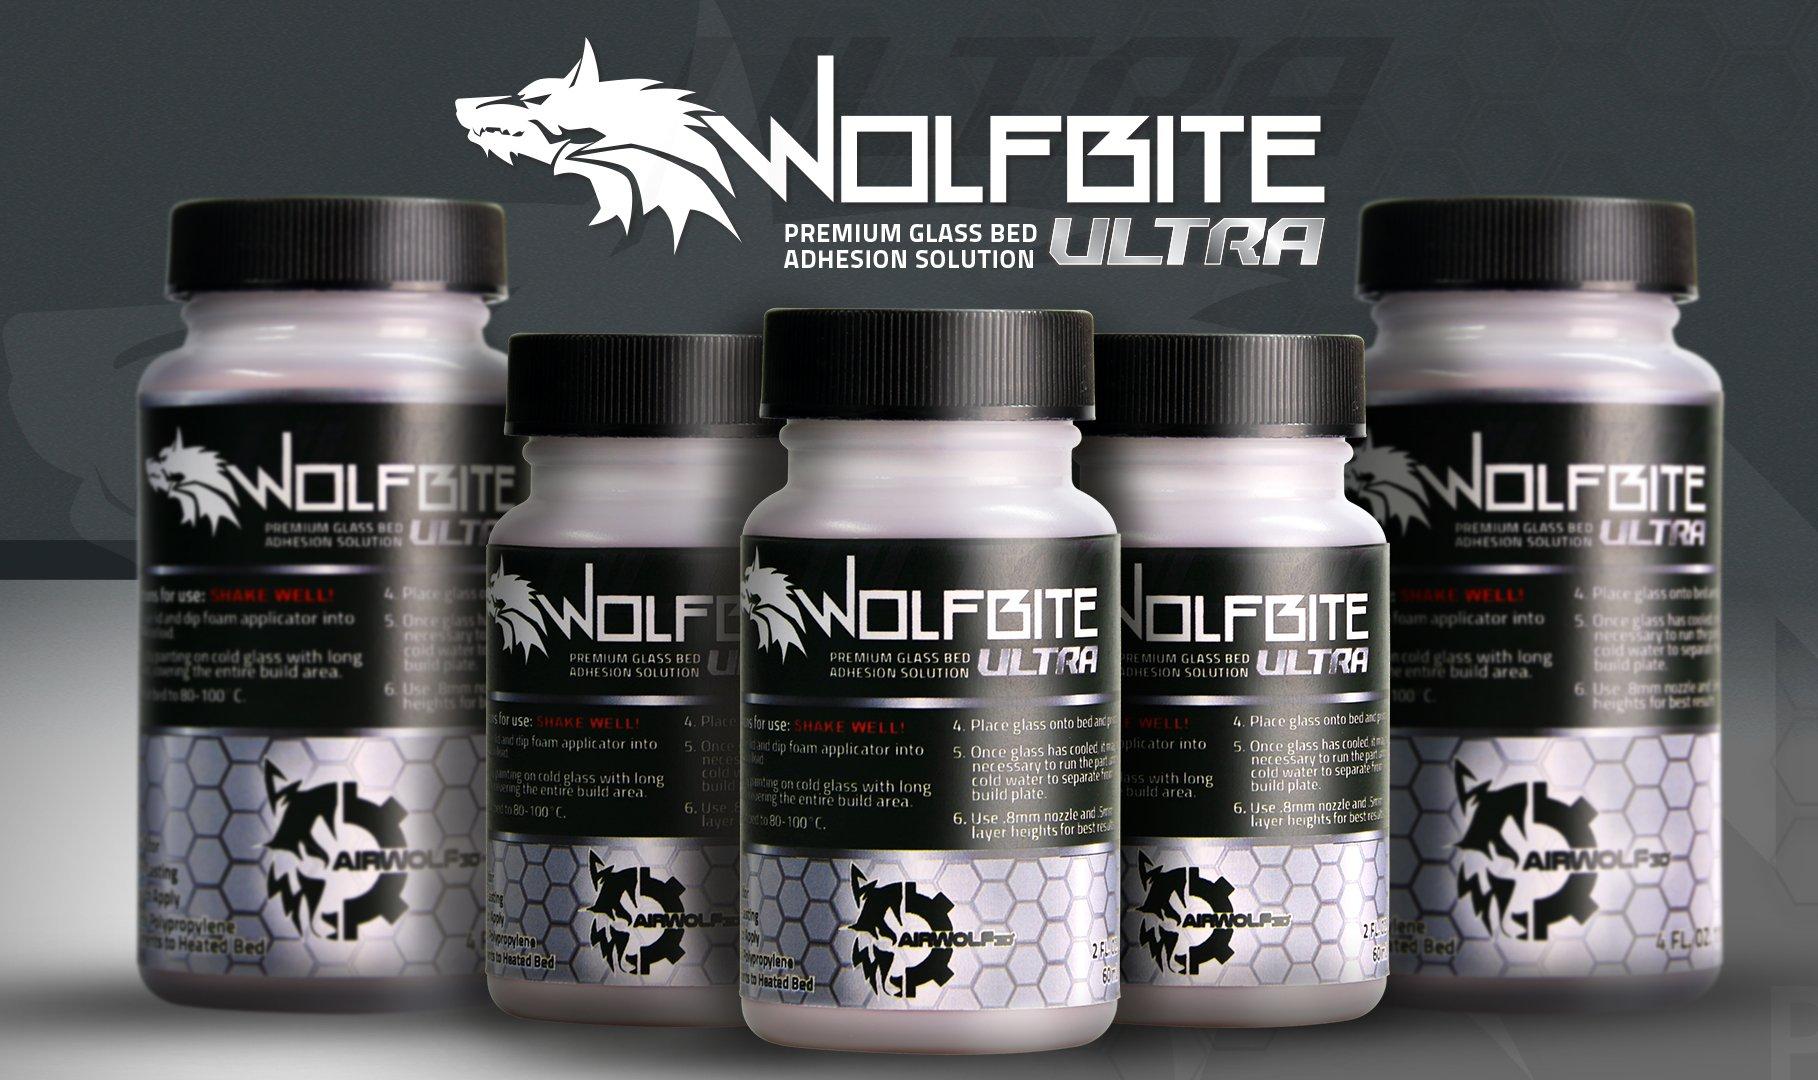 Airwolf 3D's new polypropylene solution